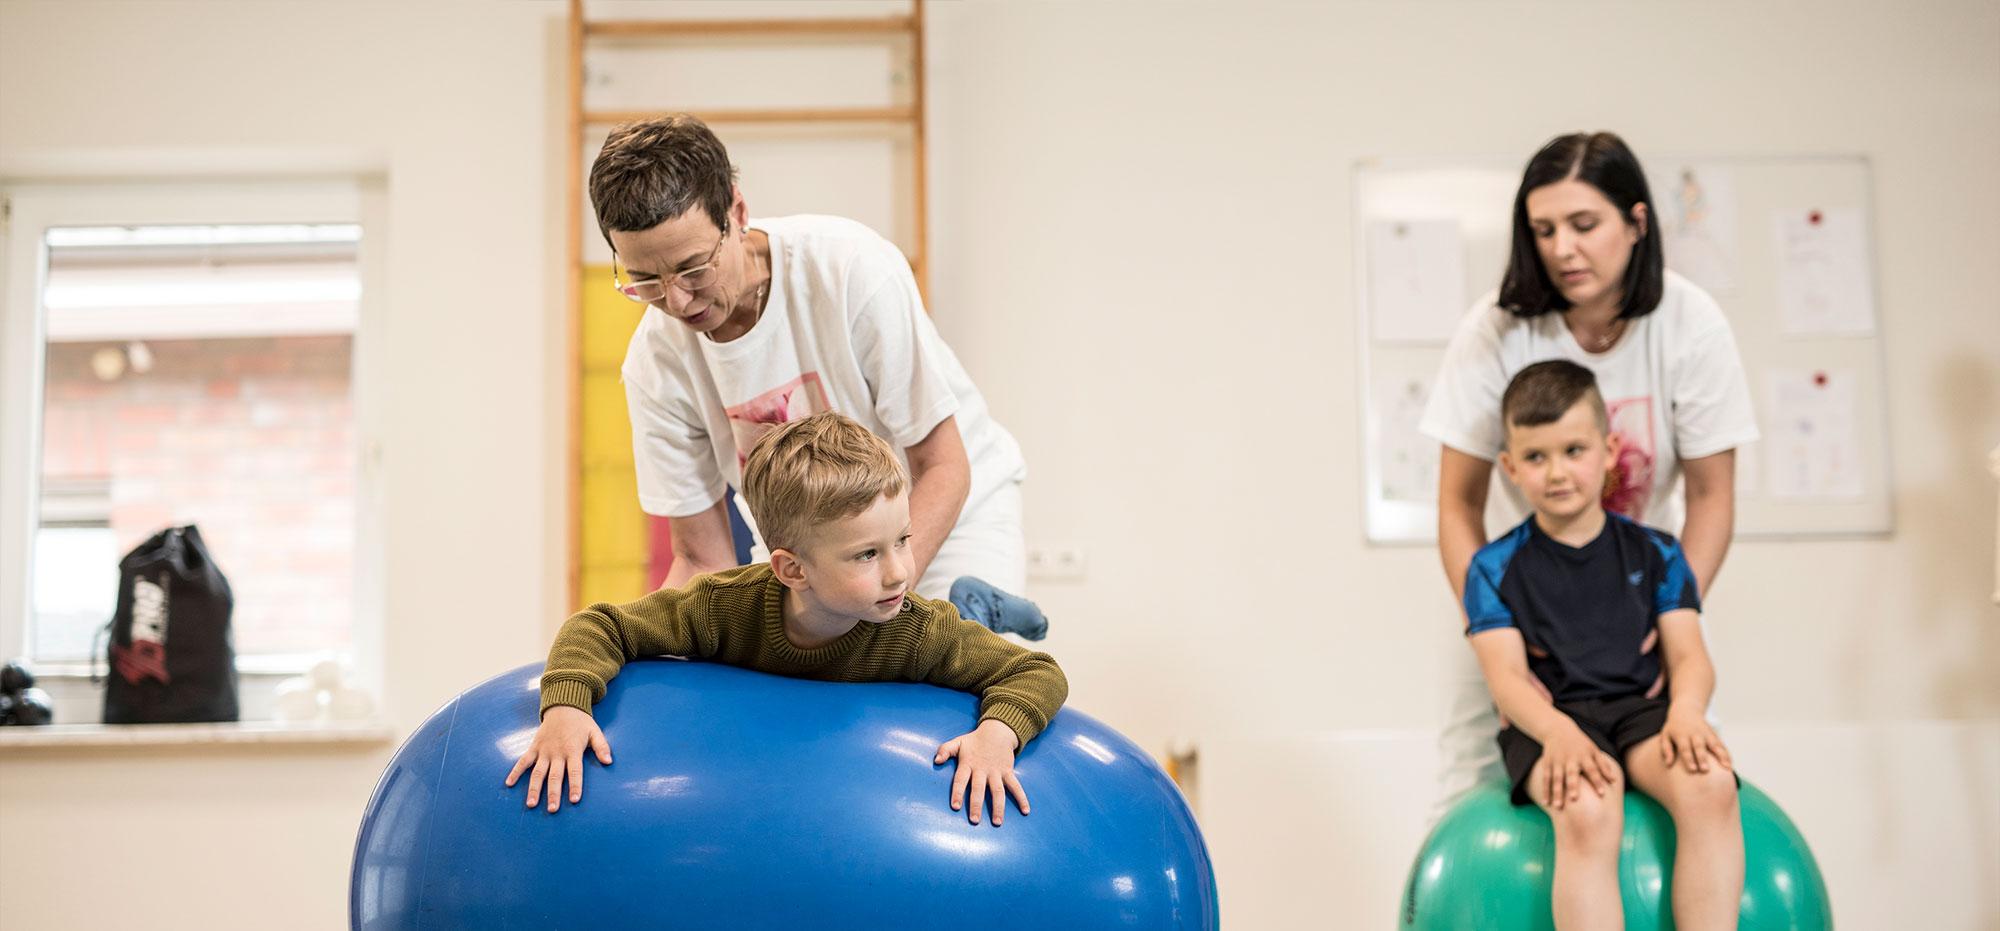 Krankengymnastik und 4D Bungee Fitness Training - Physiotherapie Künzler